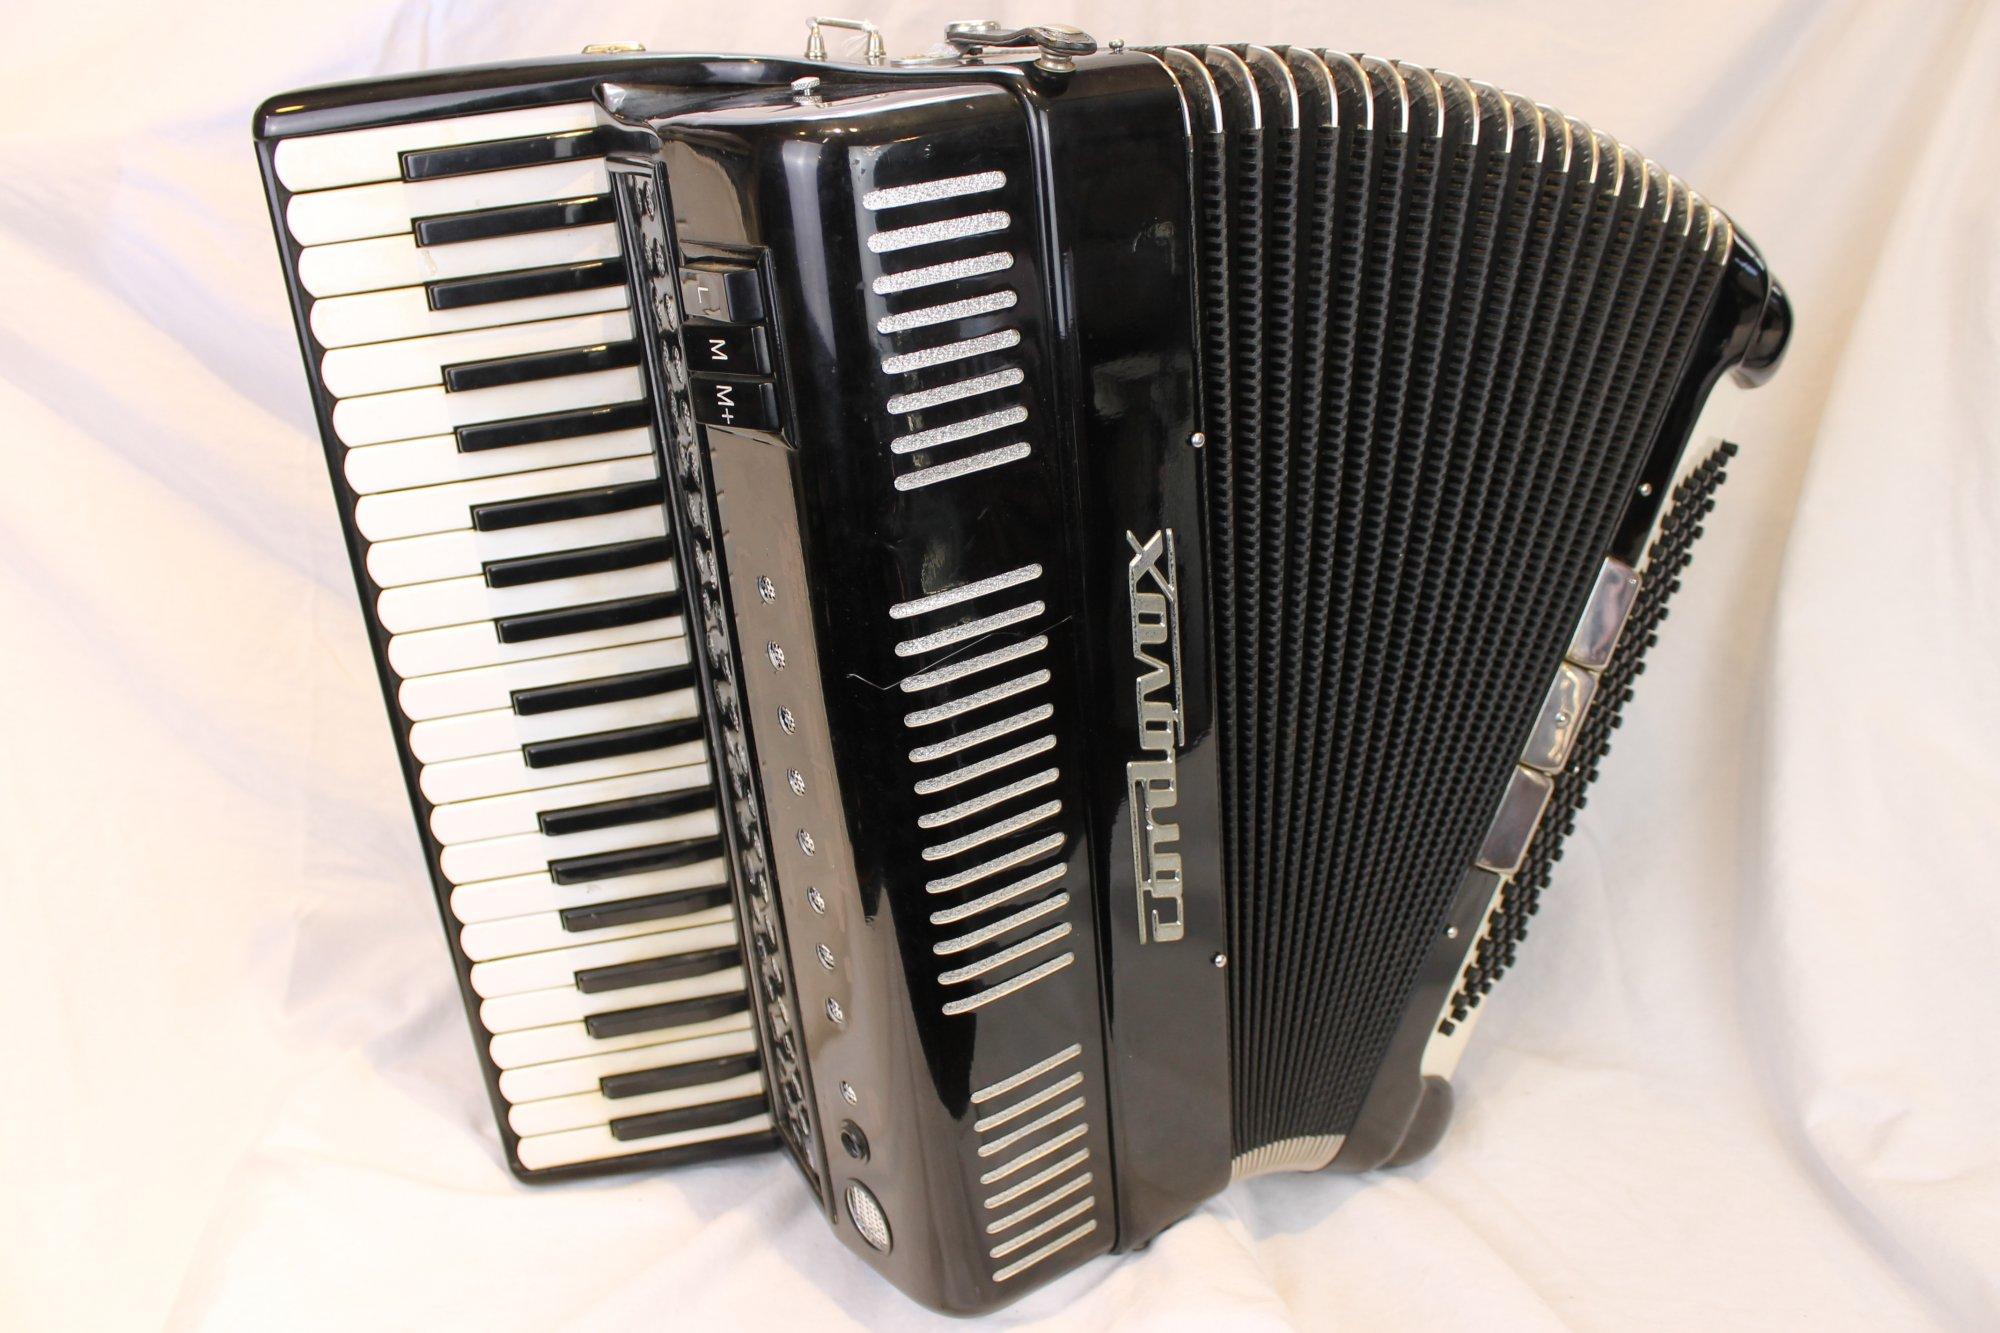 4162 - Black Cordovox CRD-A 2000 Tone Chamber Piano Accordion LMM 41 120